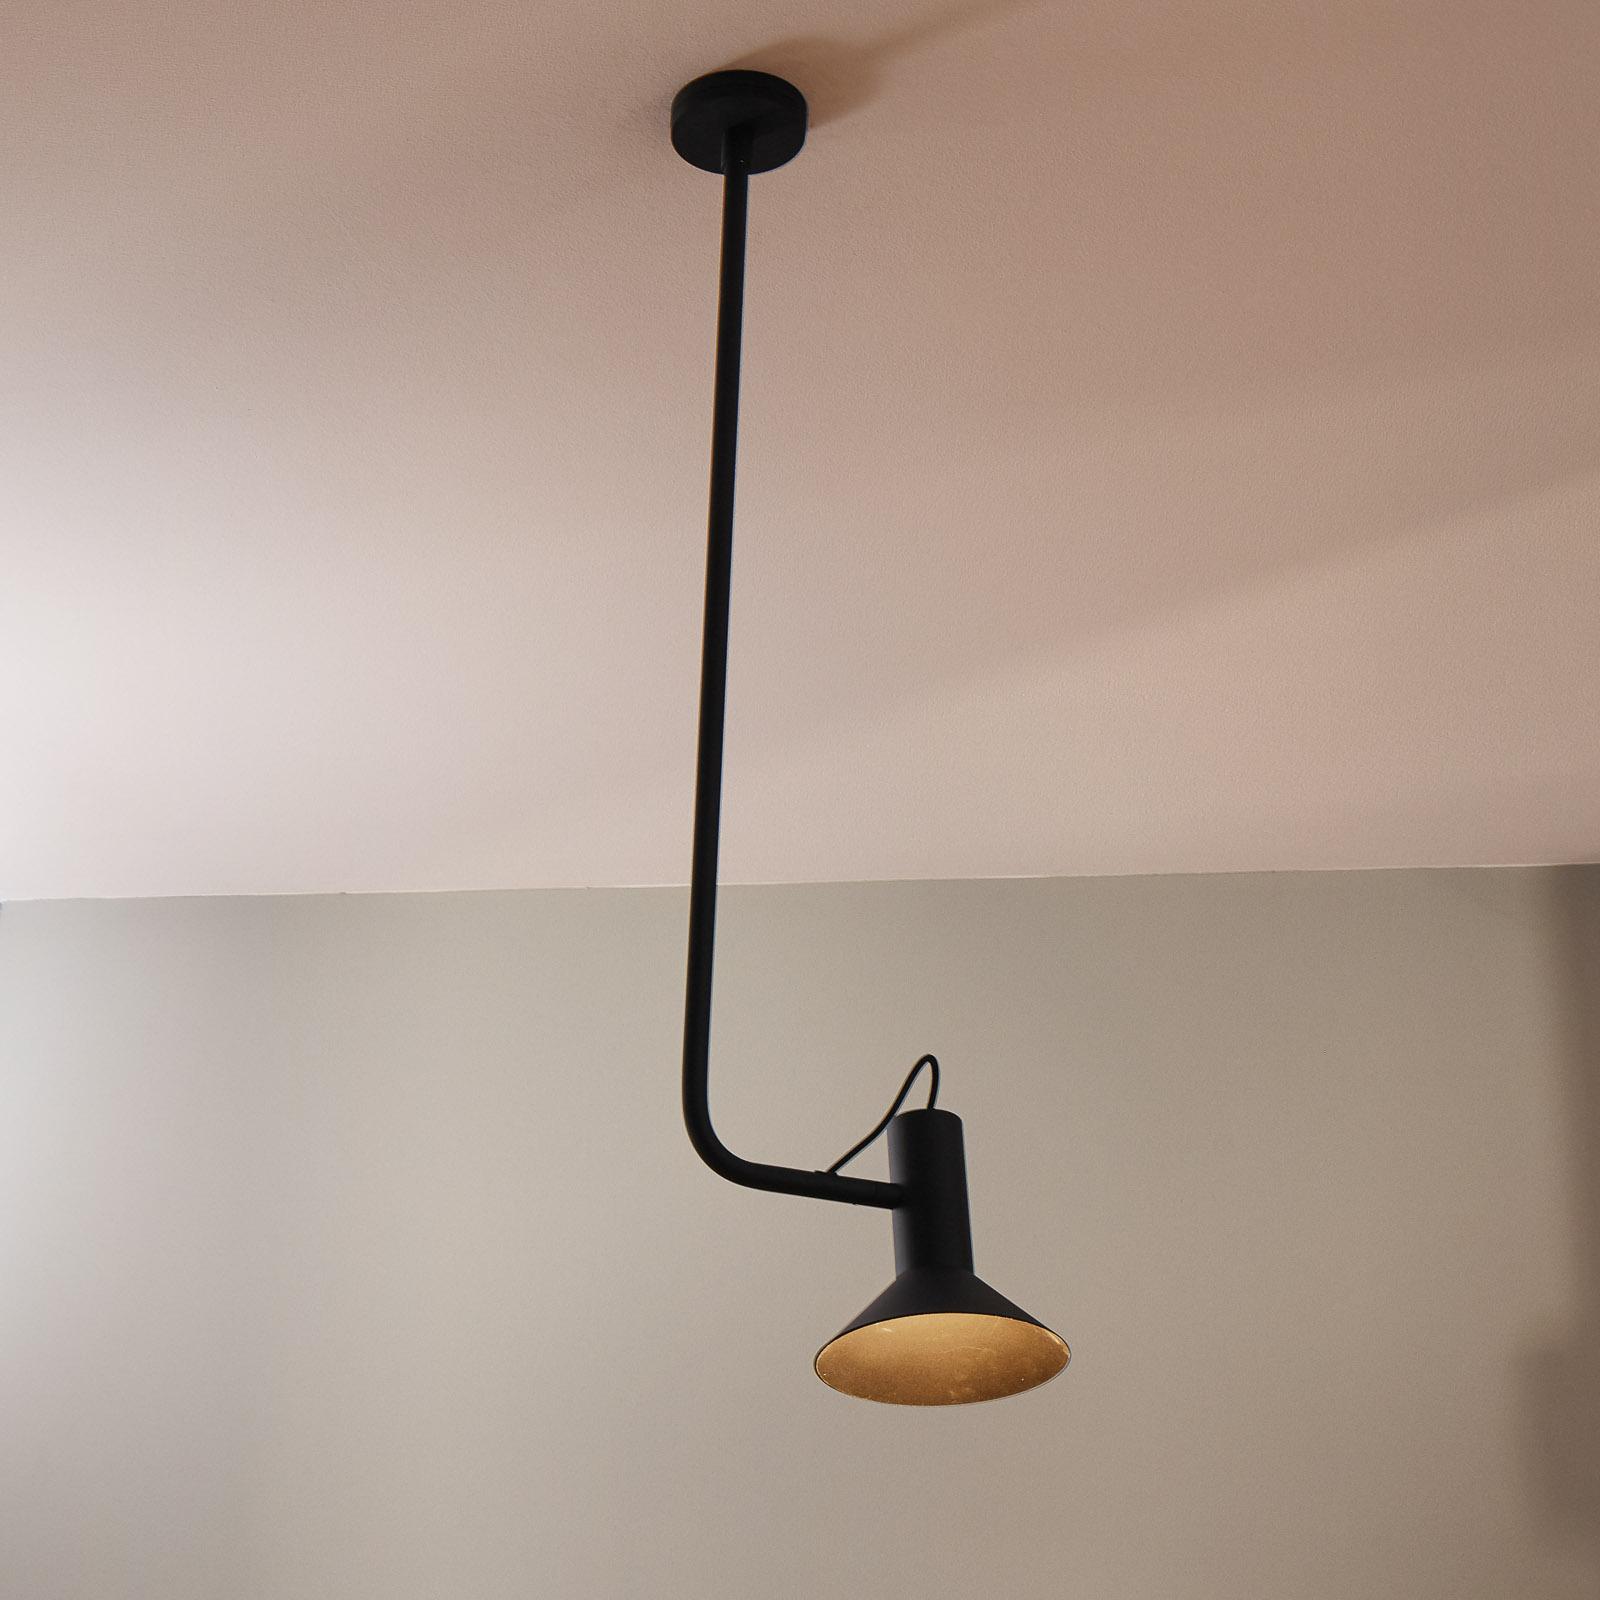 WEVER & DUCRÉ Roomor hanglamp 1-lamp 20,5cm zwart